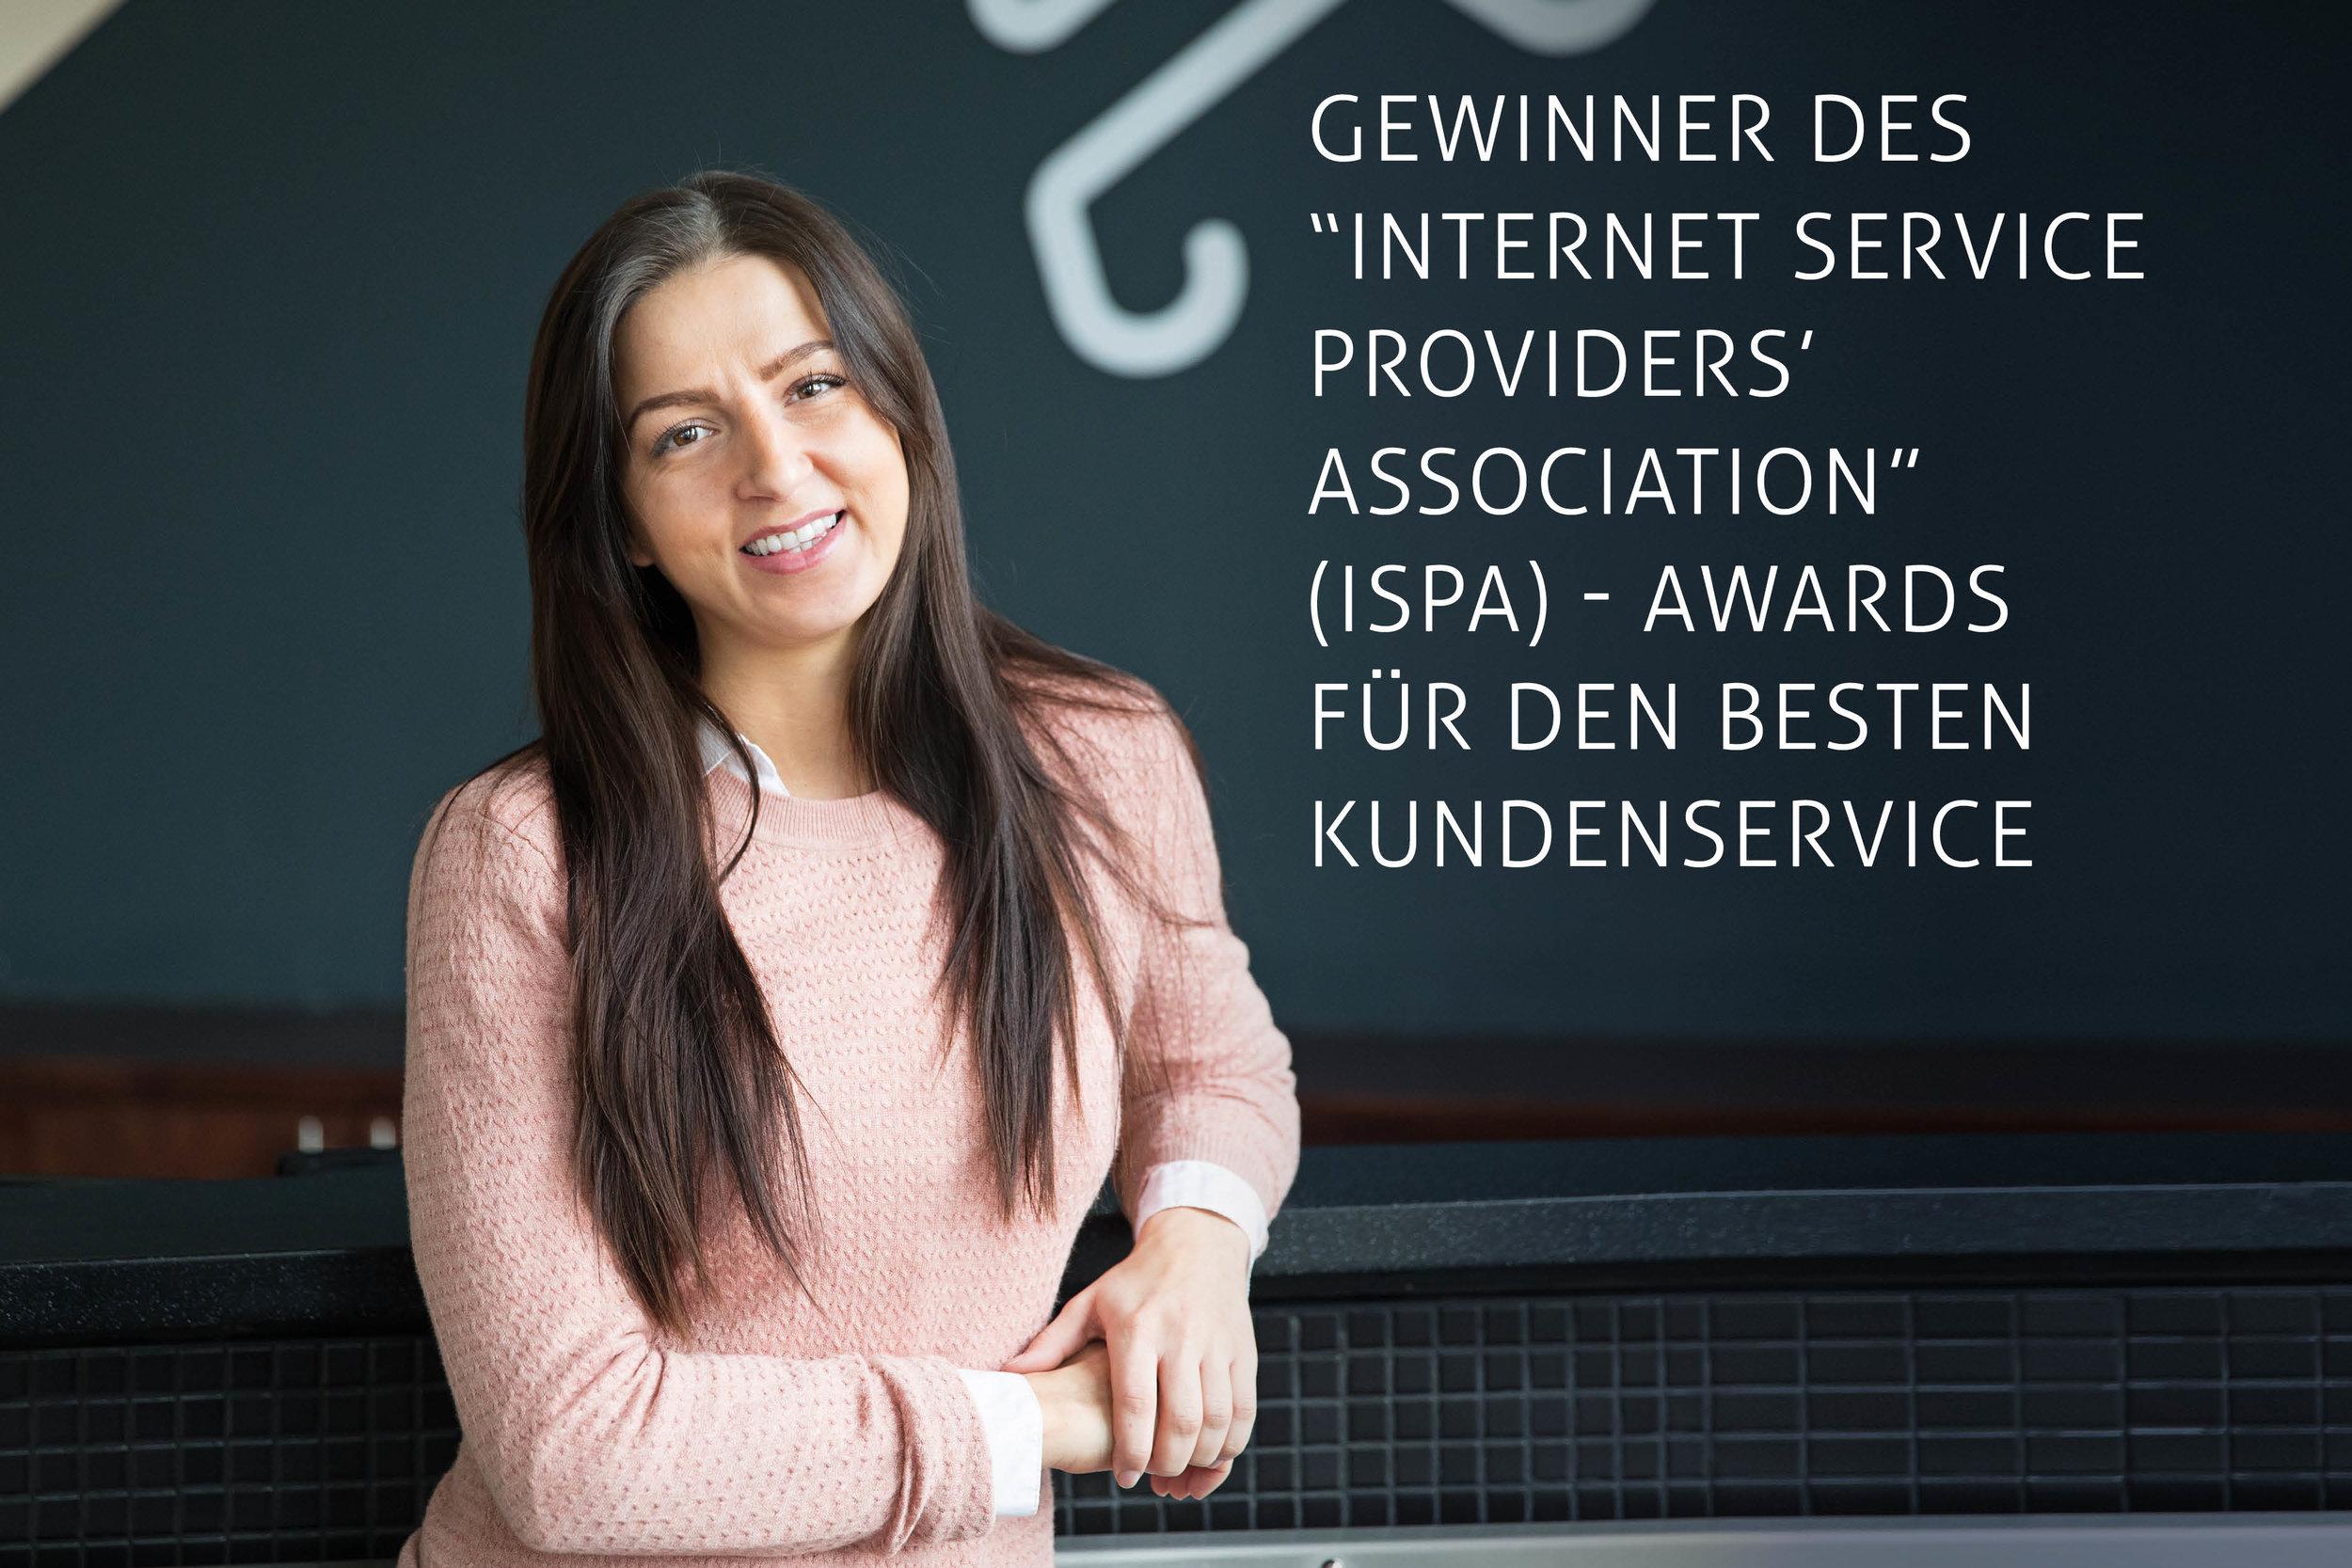 """Gewinner des """"Internet Service Providers' Association"""" (ISPA) - Awards für den besten Kundenservice"""